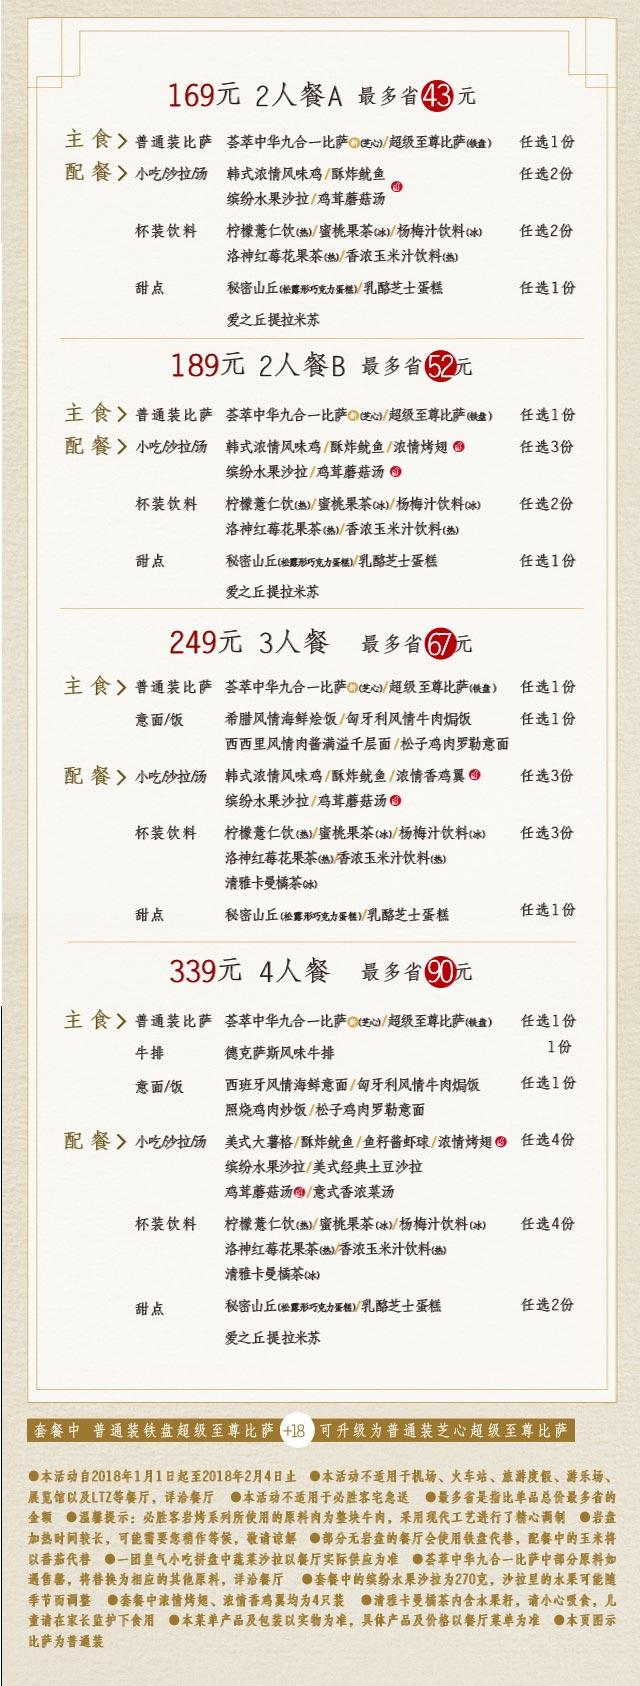 优惠券图片:必胜客荟萃中华九合一比萨套餐169元起,3人套餐249元 有效期2018年01月1日-2018年02月4日